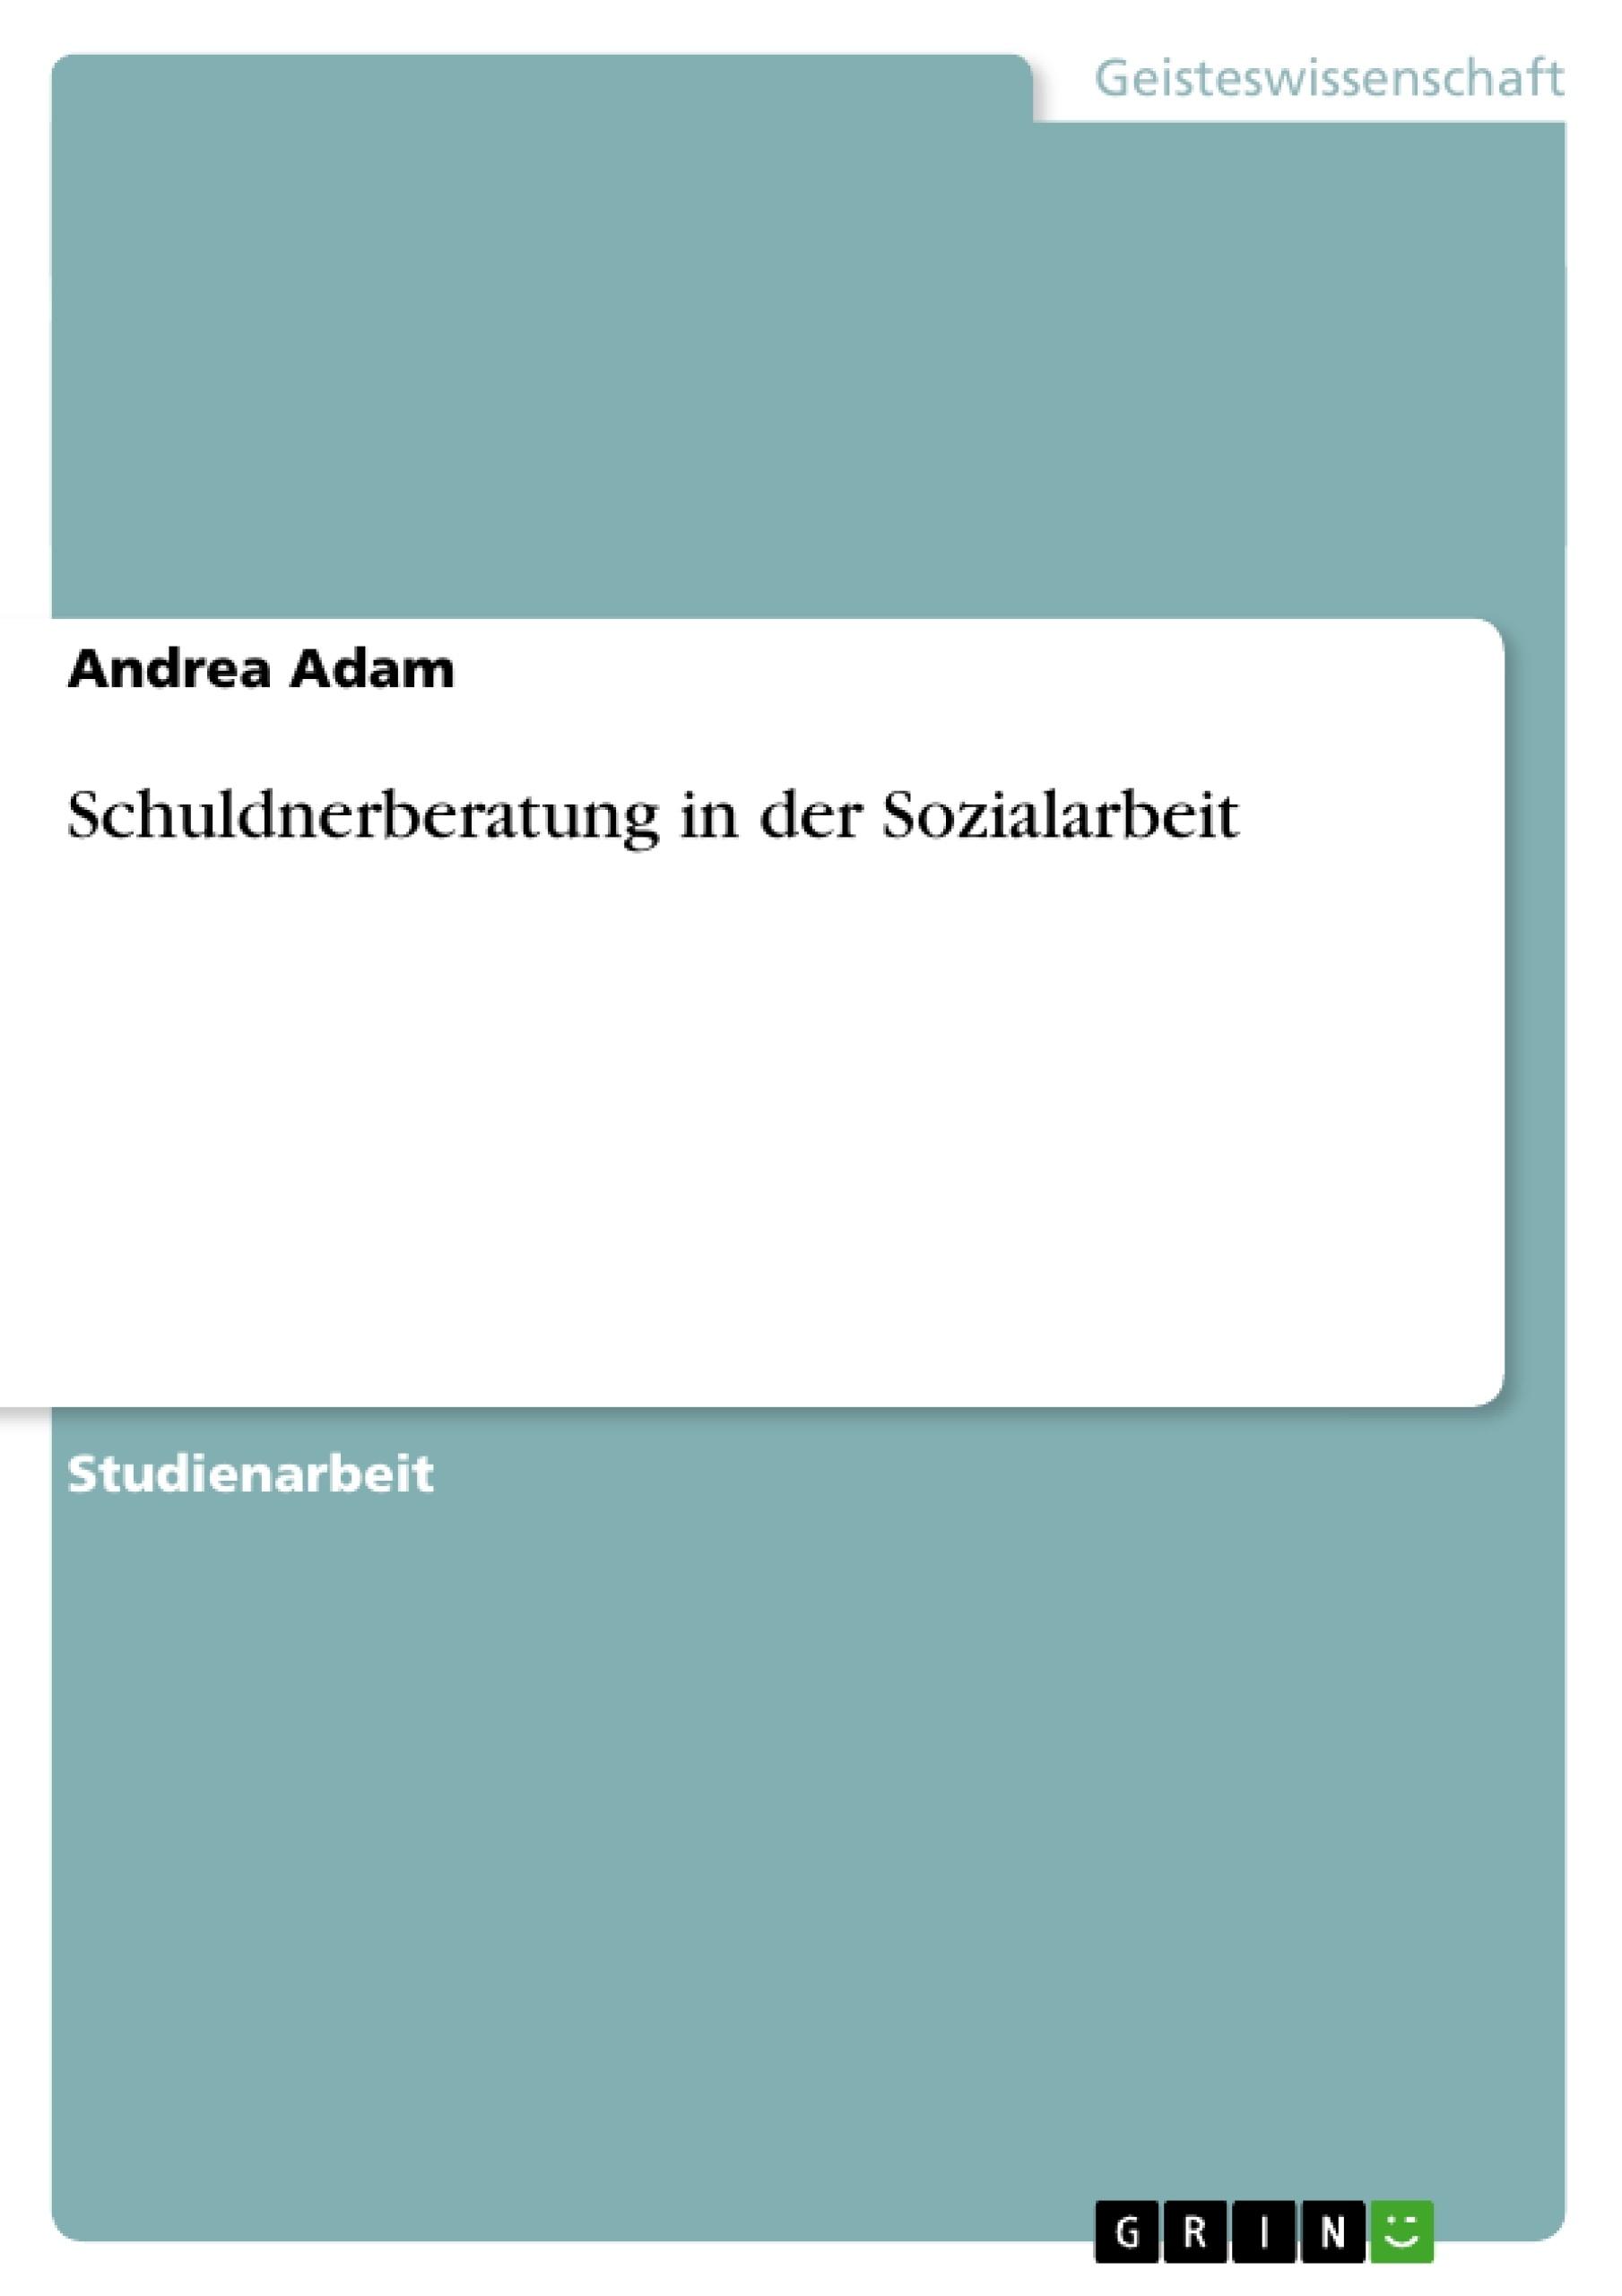 Titel: Schuldnerberatung in der Sozialarbeit